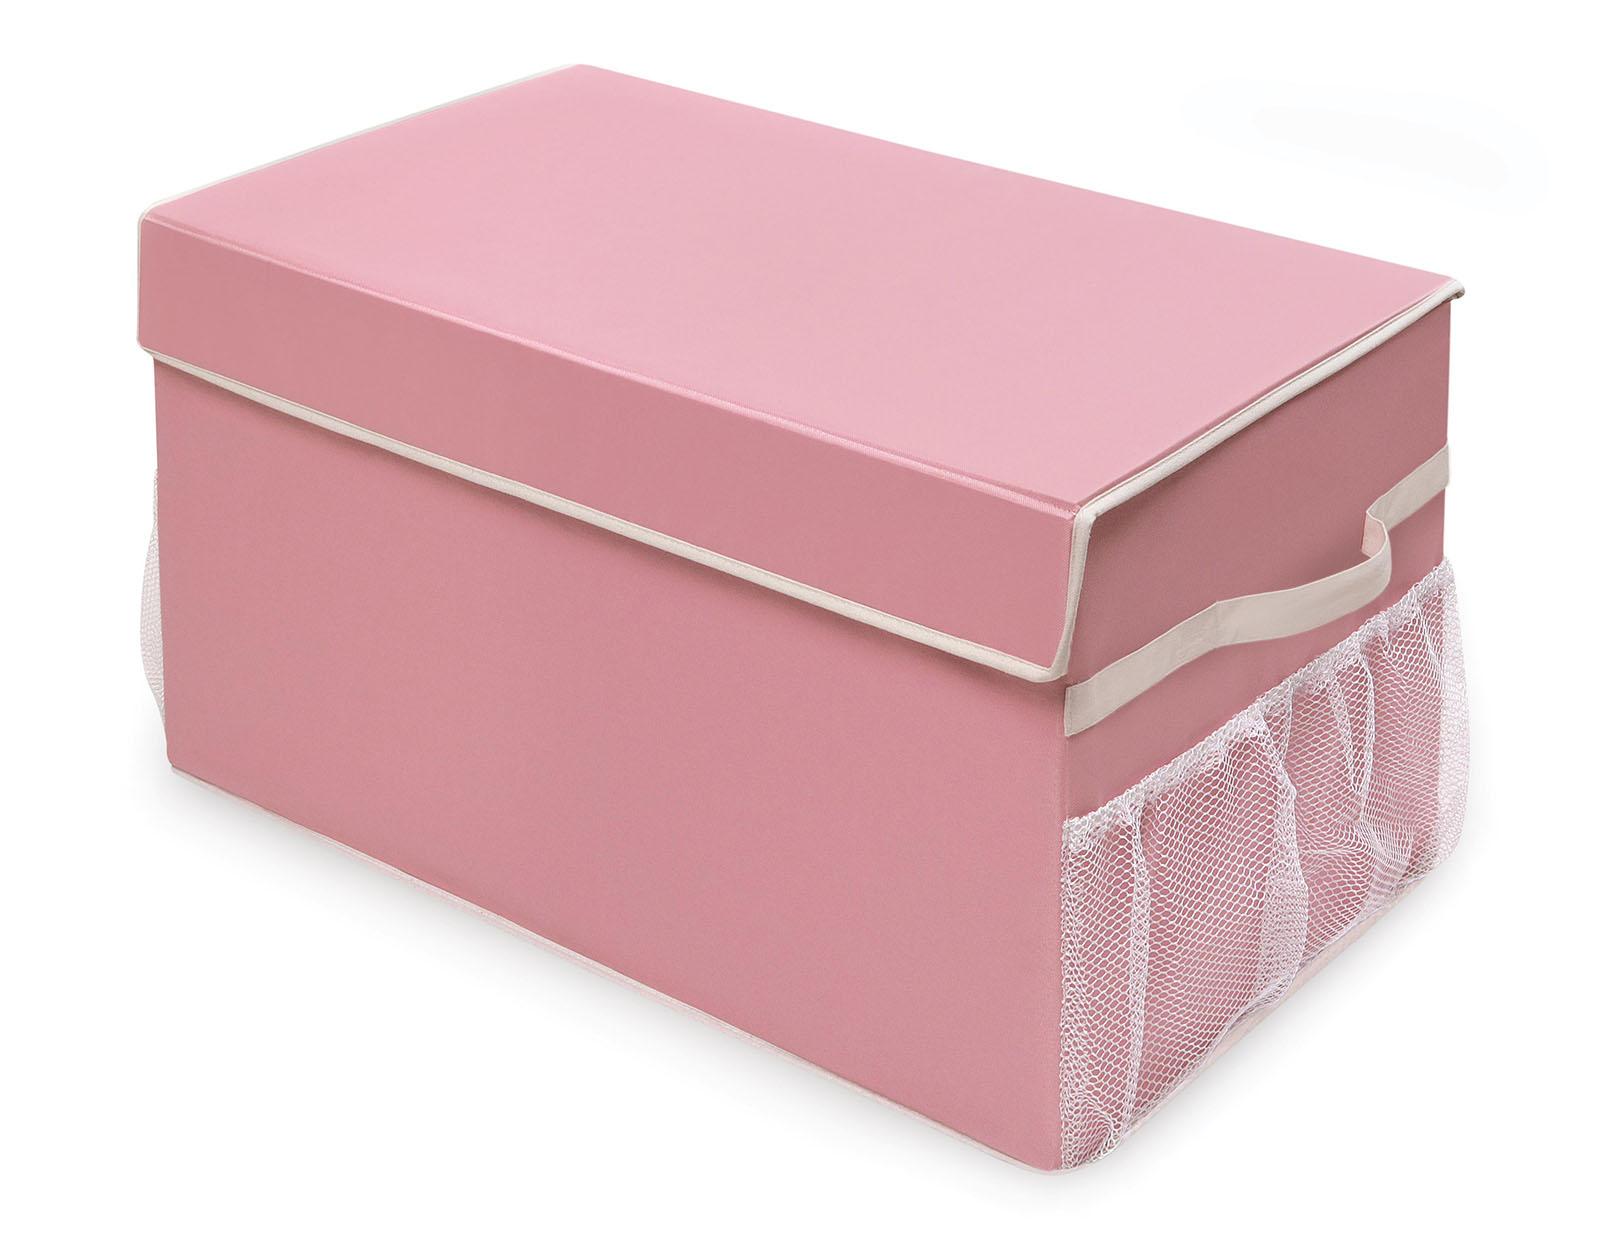 Badger Basket Large Folding Storage Box - Pink/White